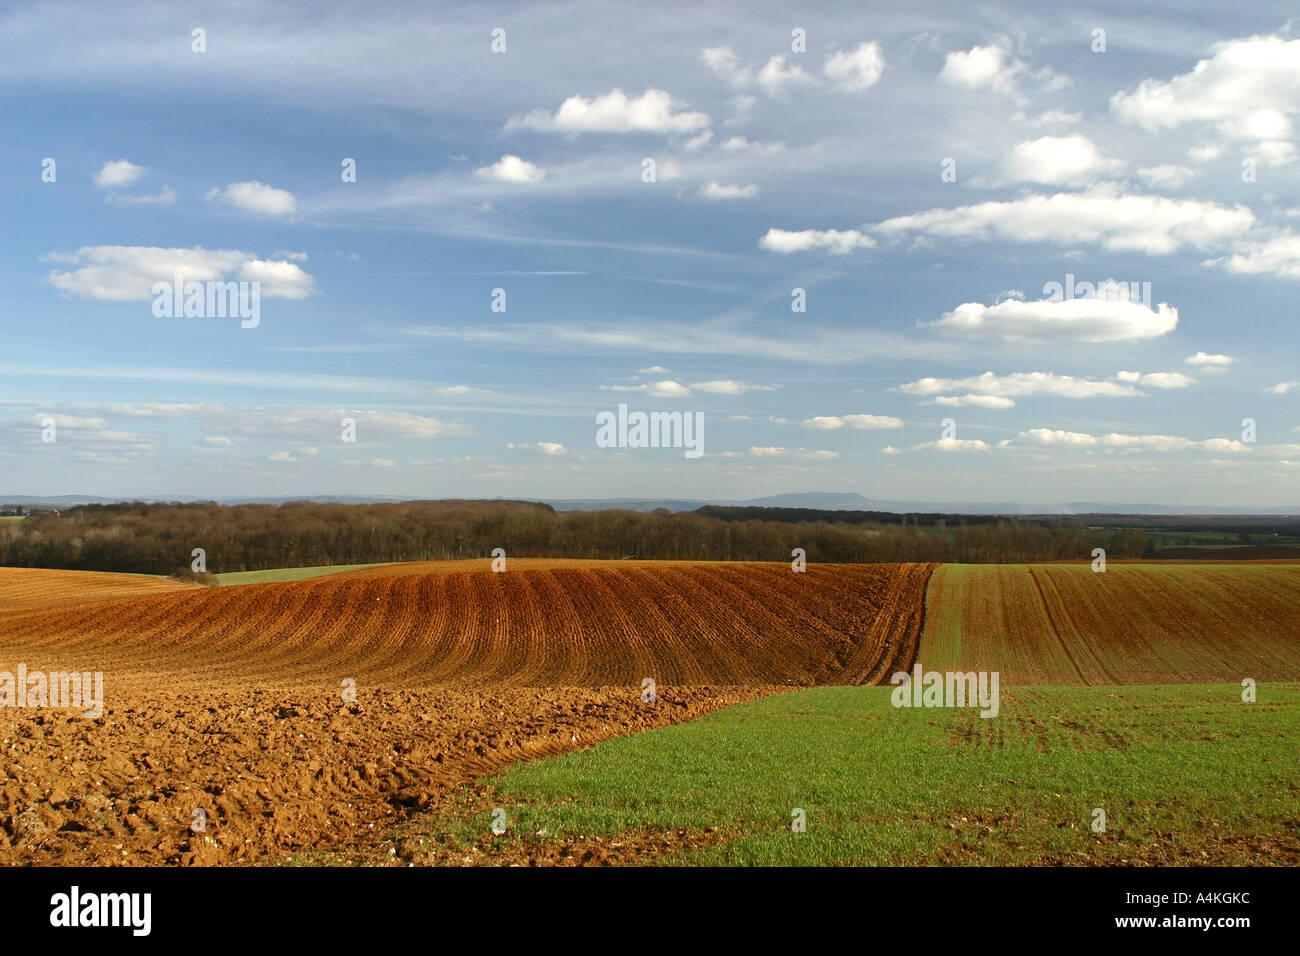 France, Jura, field in rolling landscape - Stock Image